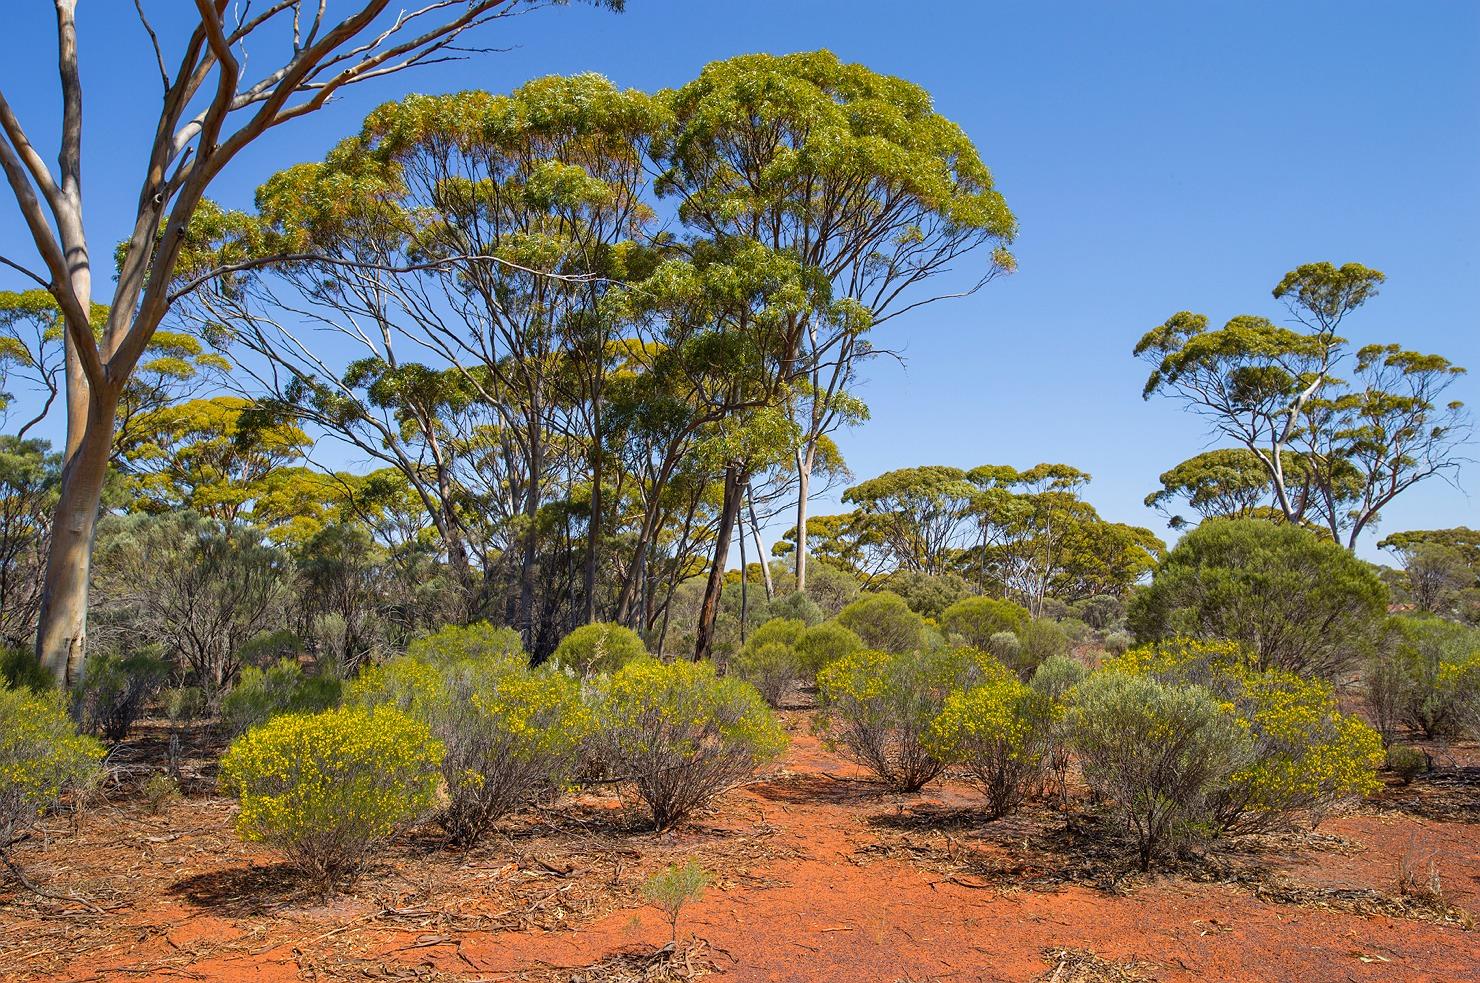 01_kalgoorlie_landscape_bushland